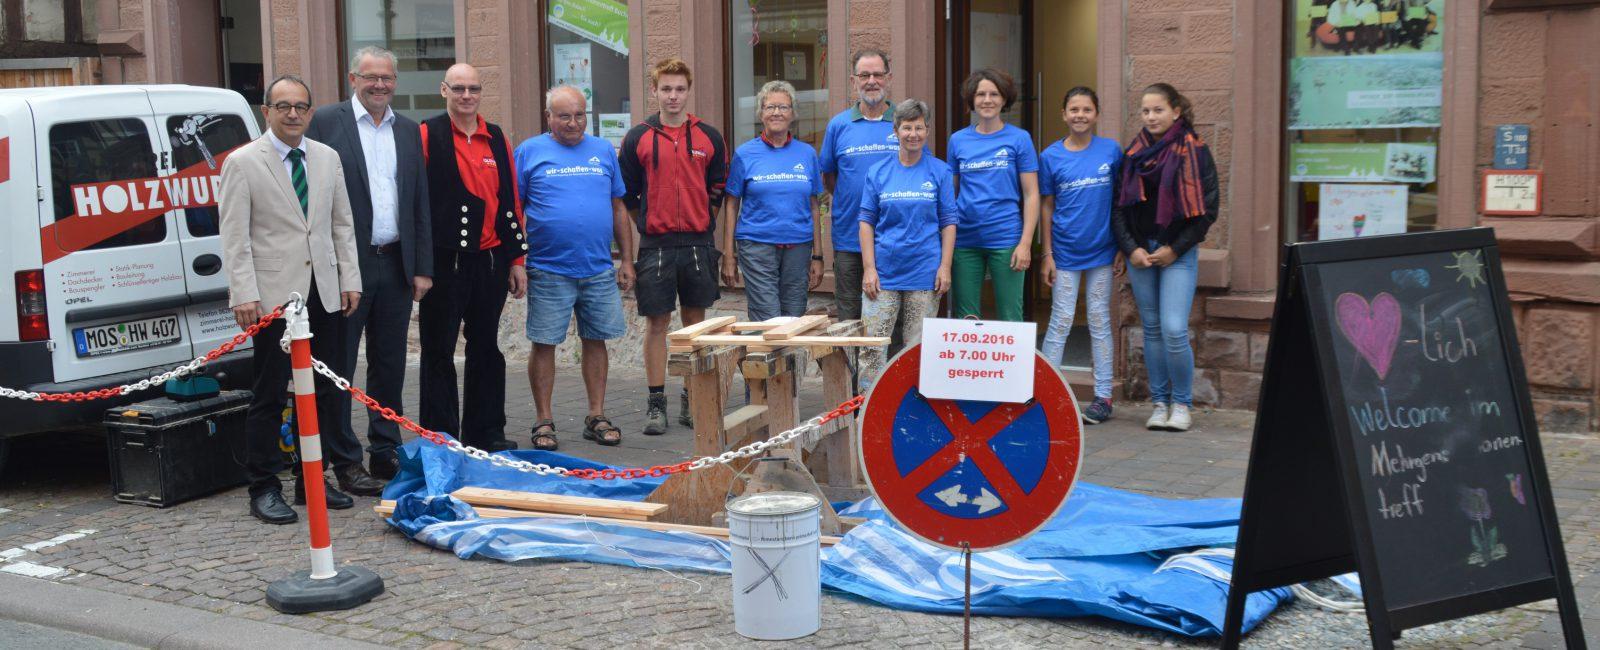 Mehrgenerationentreff, Freiwilligentag, Metropolregion, Rhein-Neckar